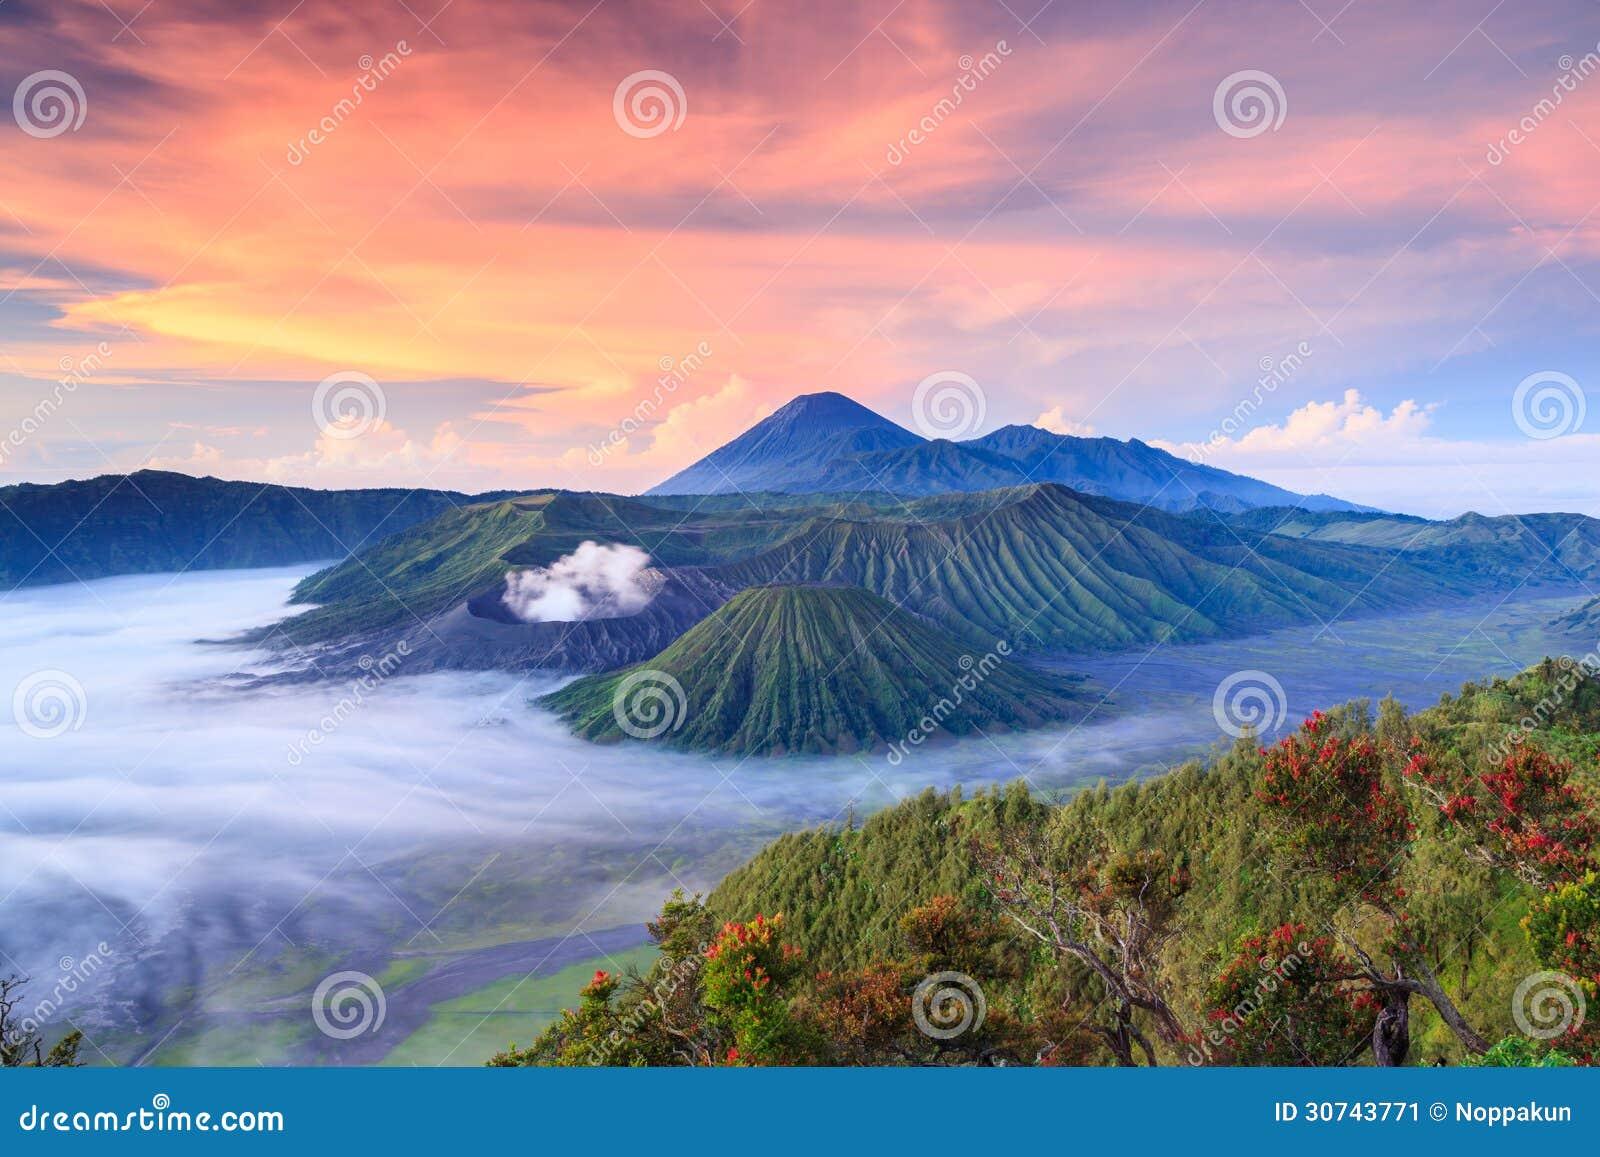 Bromovocalno bij zonsopgang, Oost-Java, Indonesië